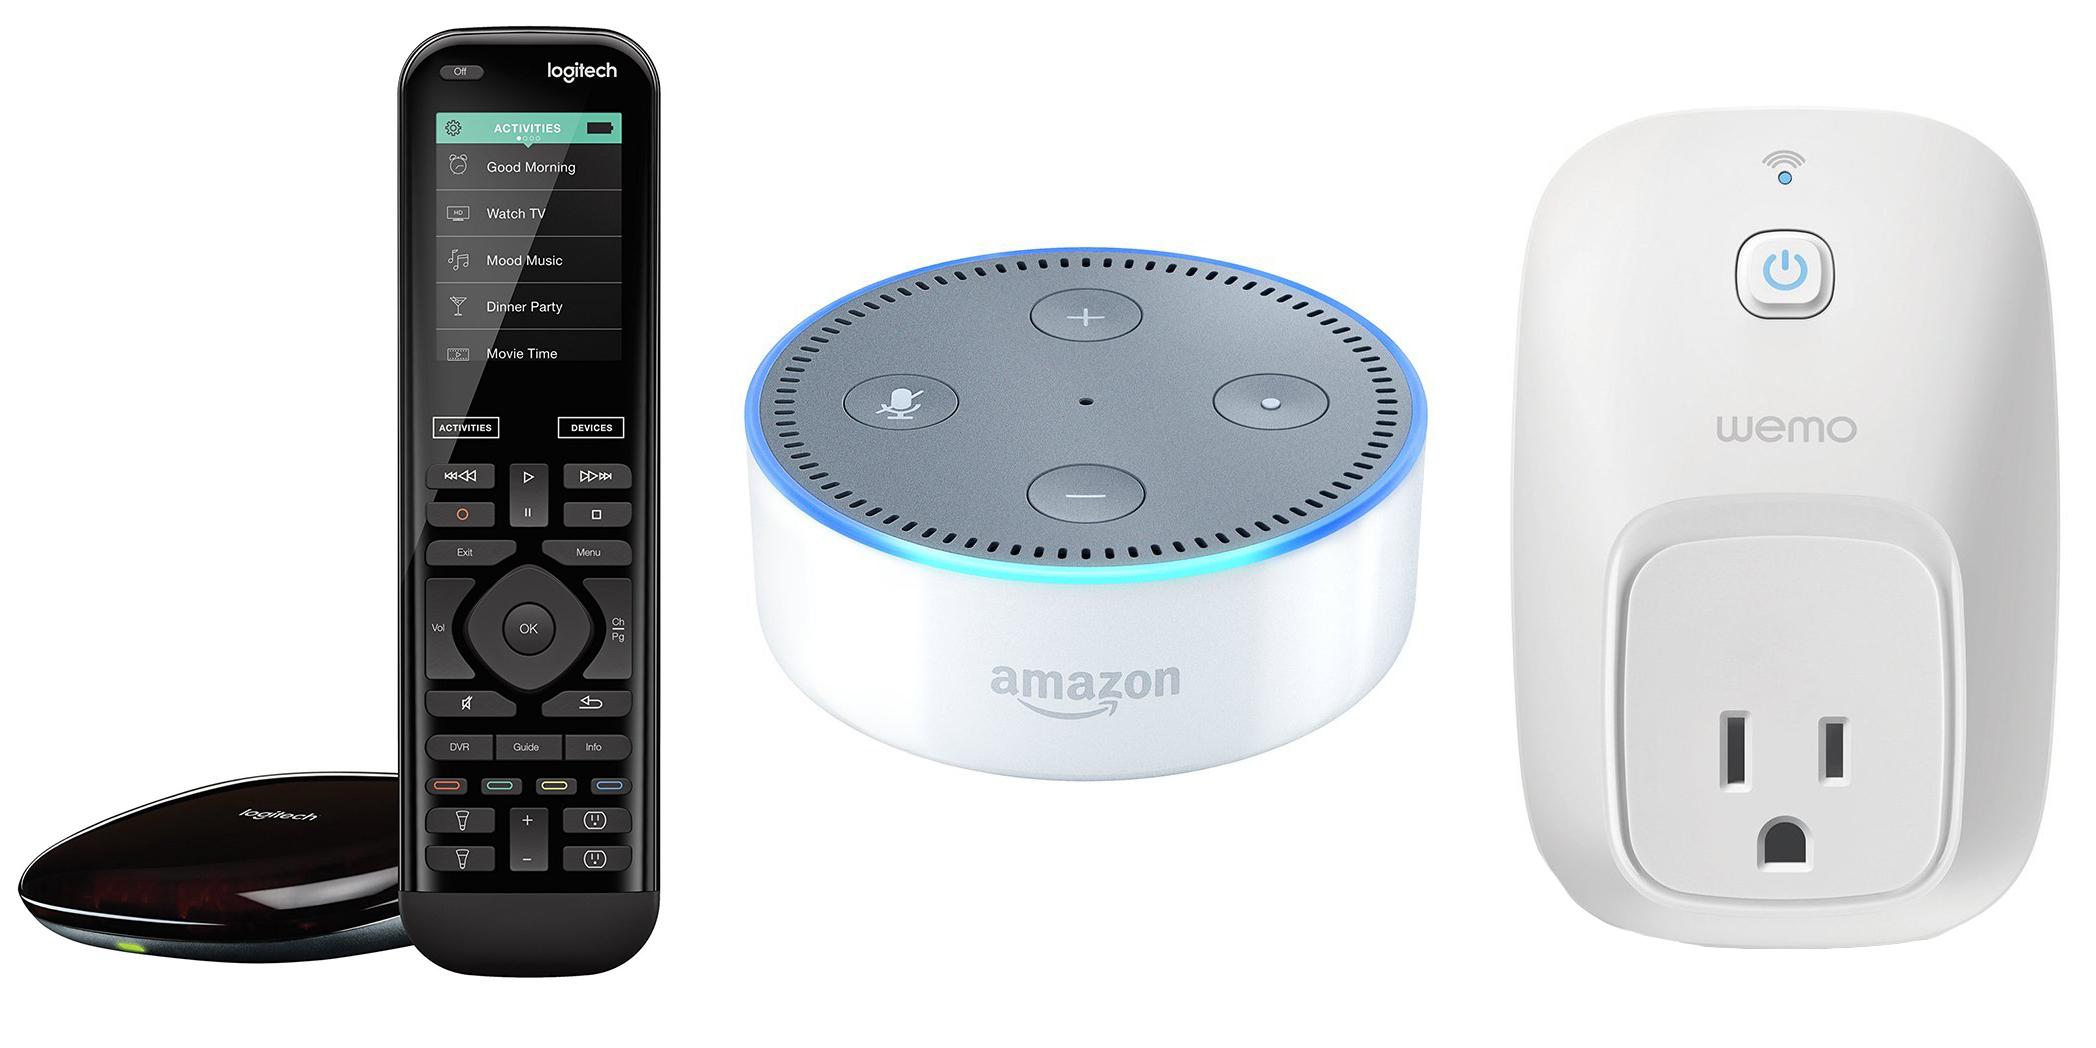 amazon-echo-dot-logitech-wemo-bundles